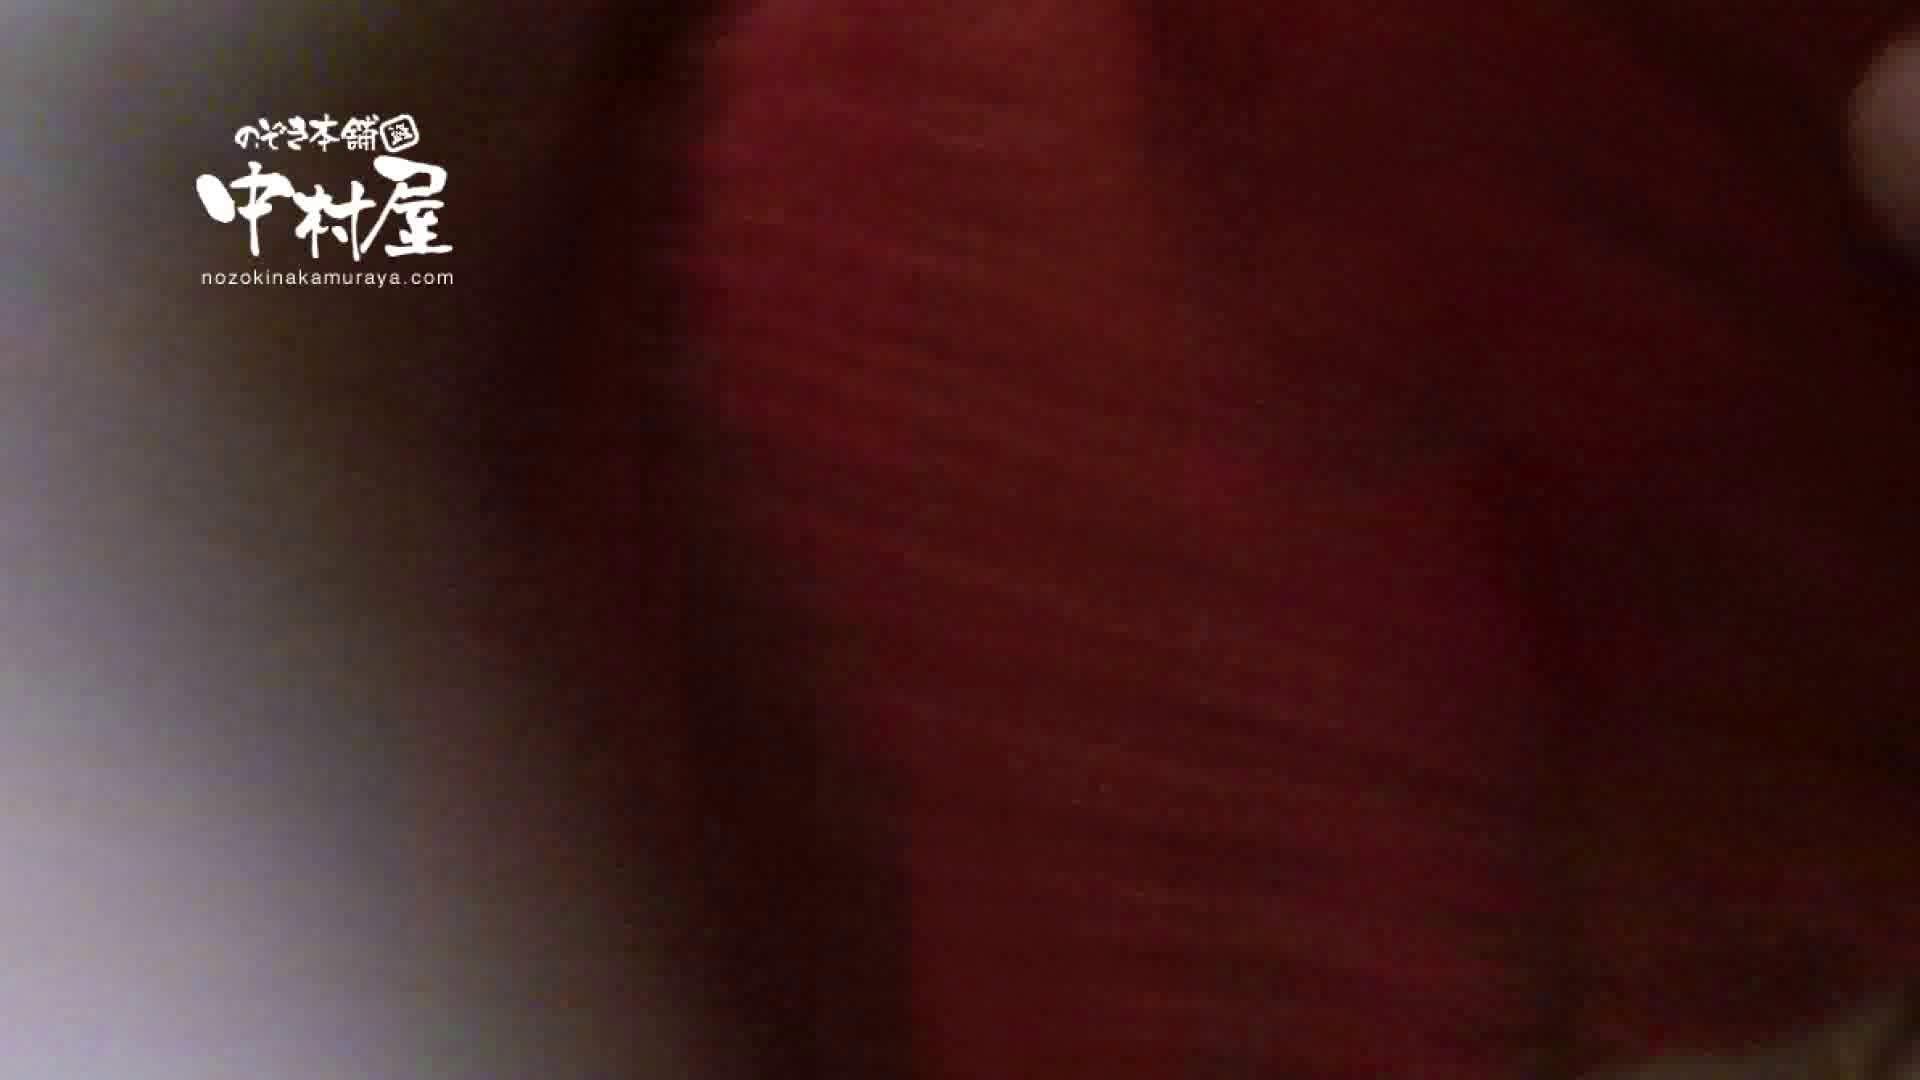 鬼畜 vol.13 もうなすがママ→結果クリームパイ 前編 OLエロ画像   鬼畜  110PICs 17